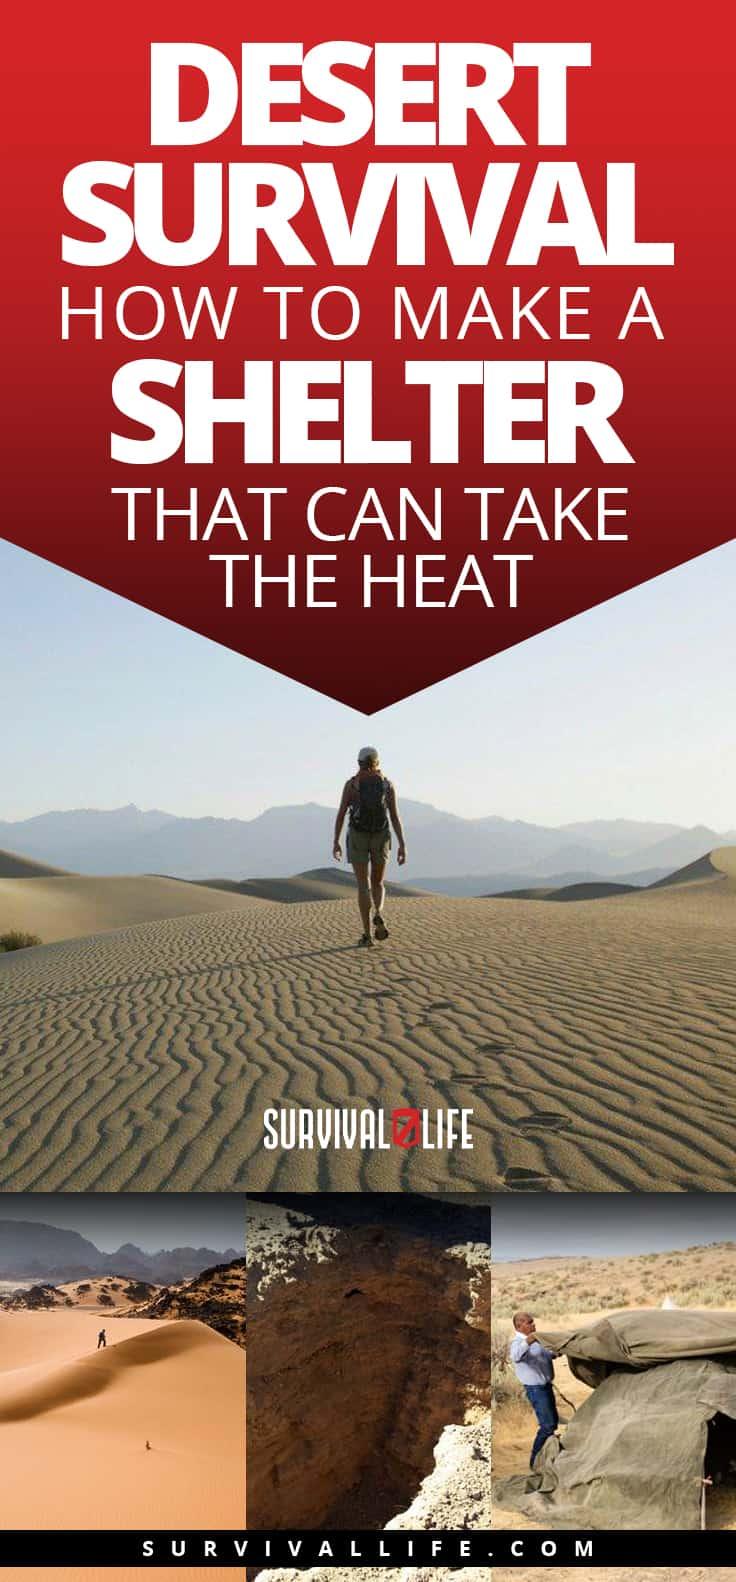 Desert Survival | How To Make A Shelter That Can Take The Heat | https://survivallife.com/desert-survival-shelter/